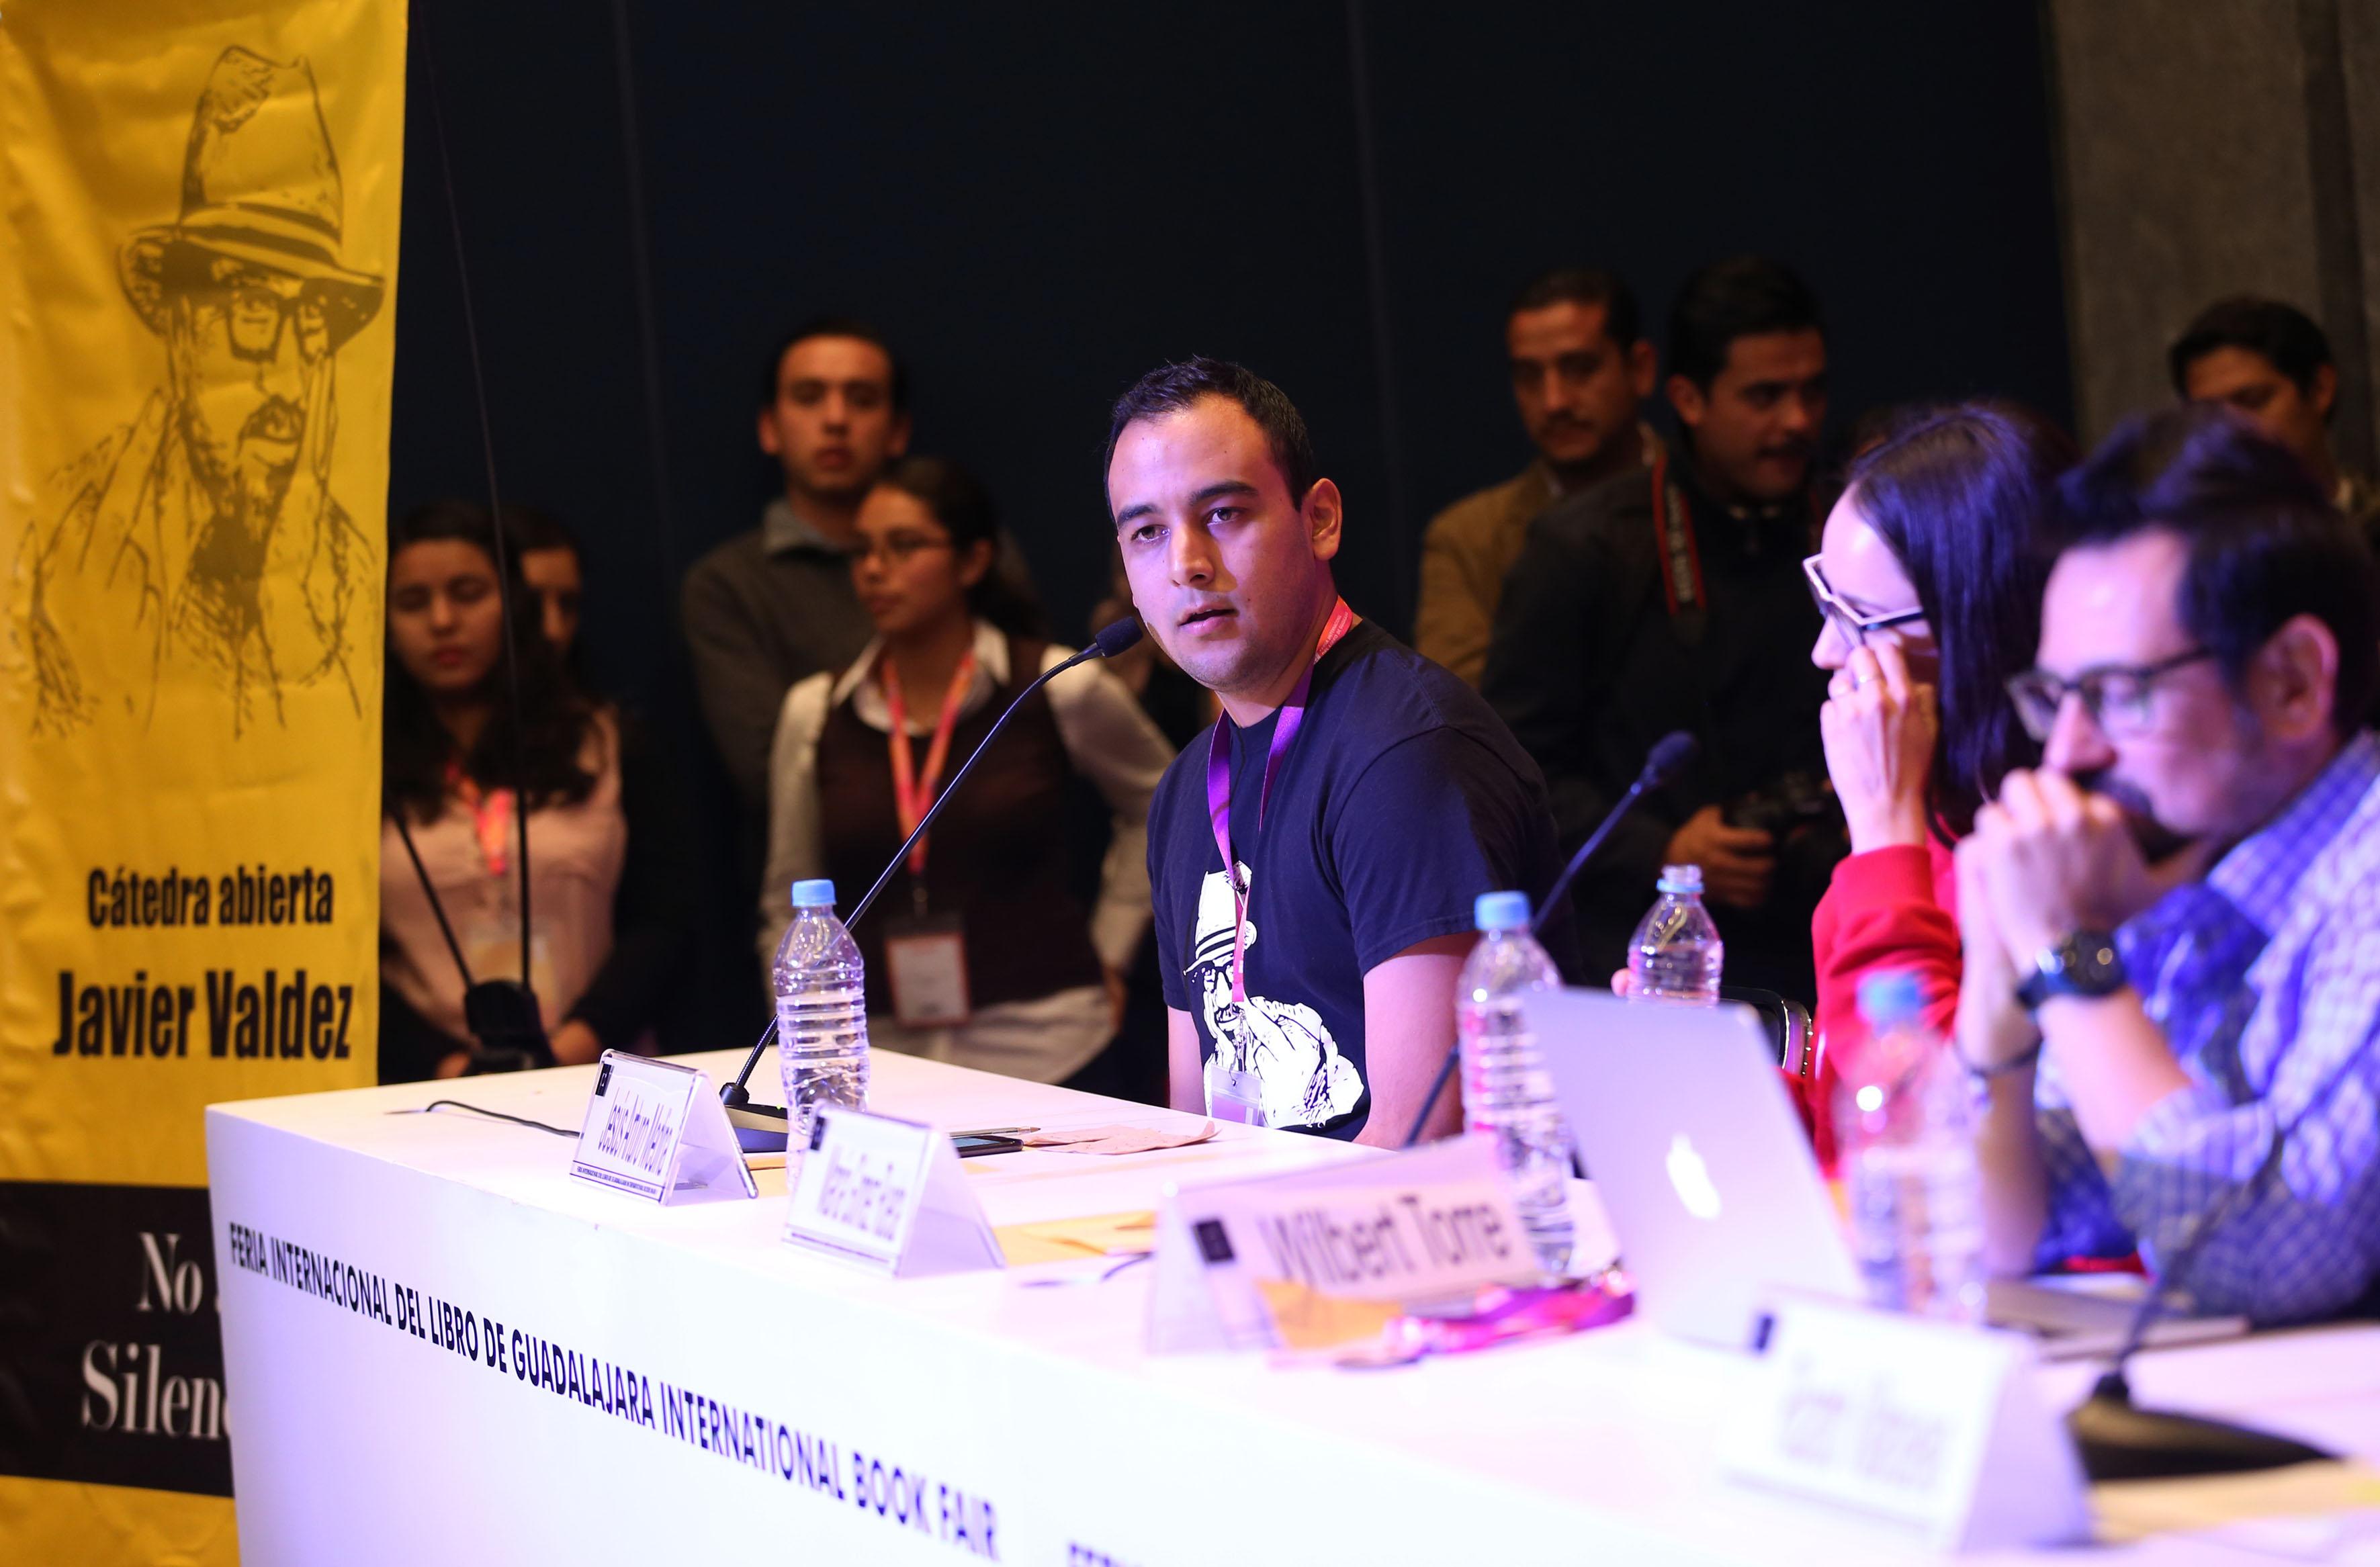 Presidente de la FEU, Jesús Medina Varela, haciendo uso de la palabra, durante Cátedra.